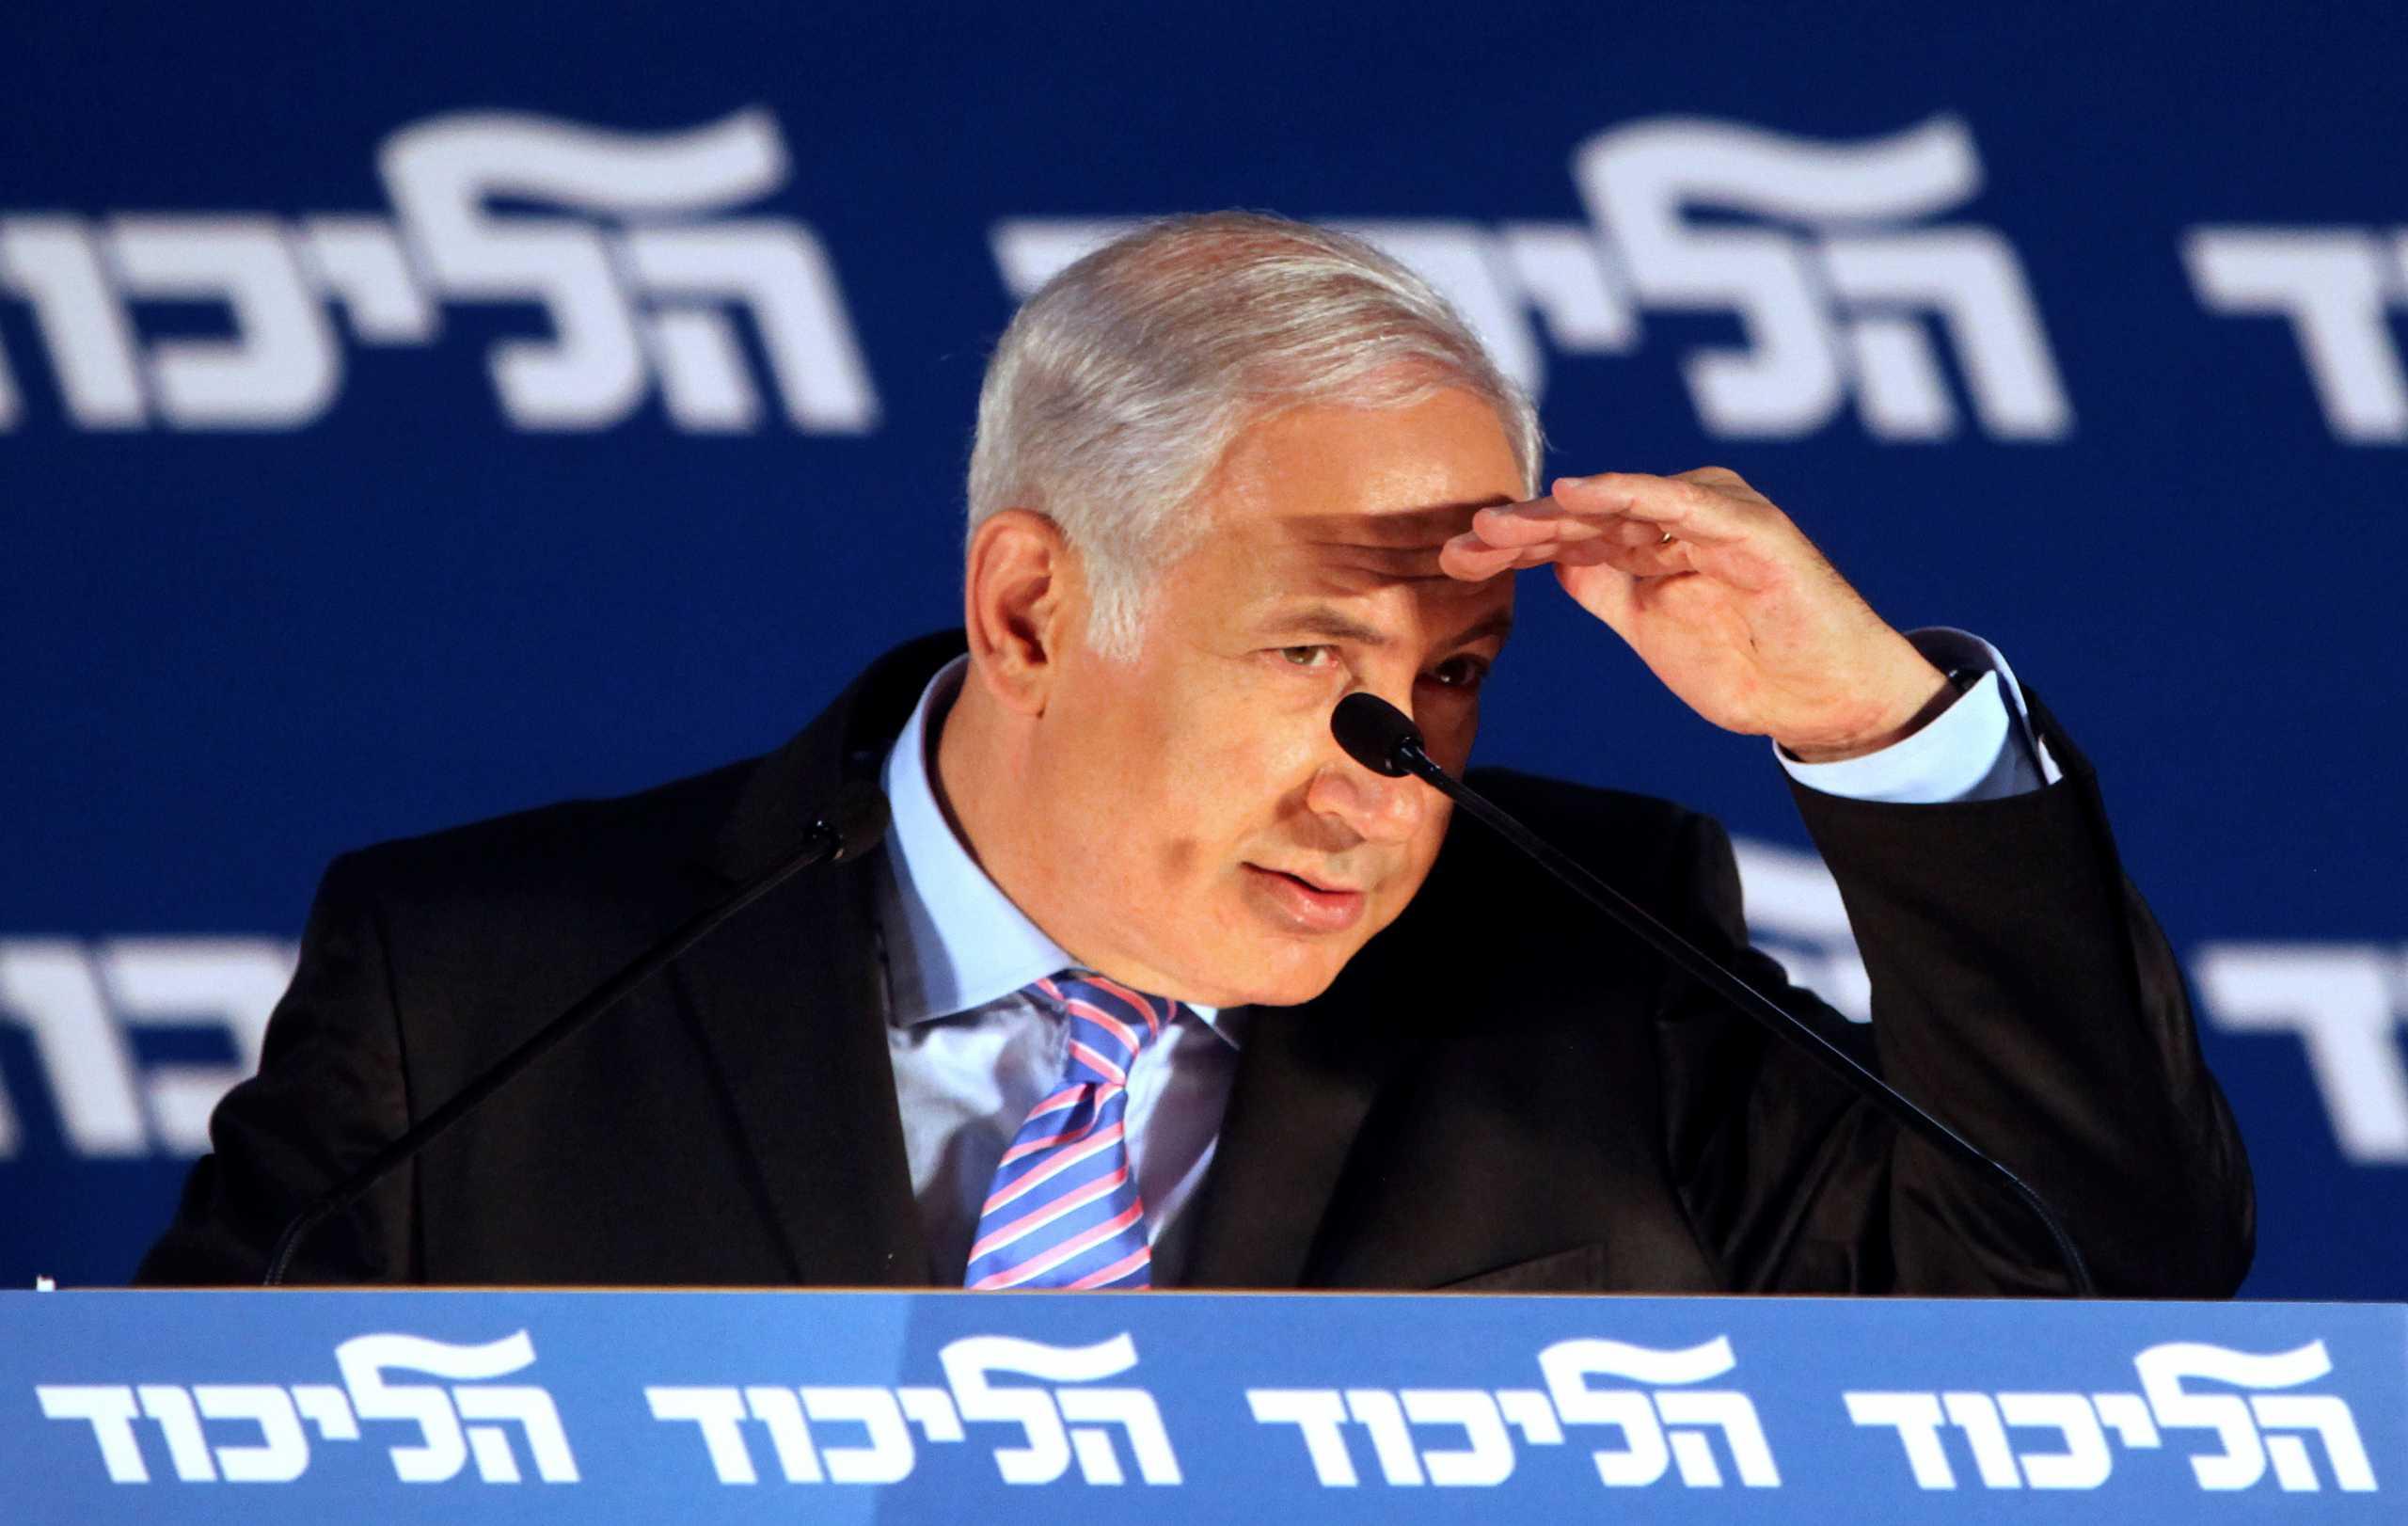 Ισραήλ: Πολλά εμπόδια ακόμη για να πέσει ο Νετανιάχου βλέπει ο επικεφαλής της αντιπολίτευσης